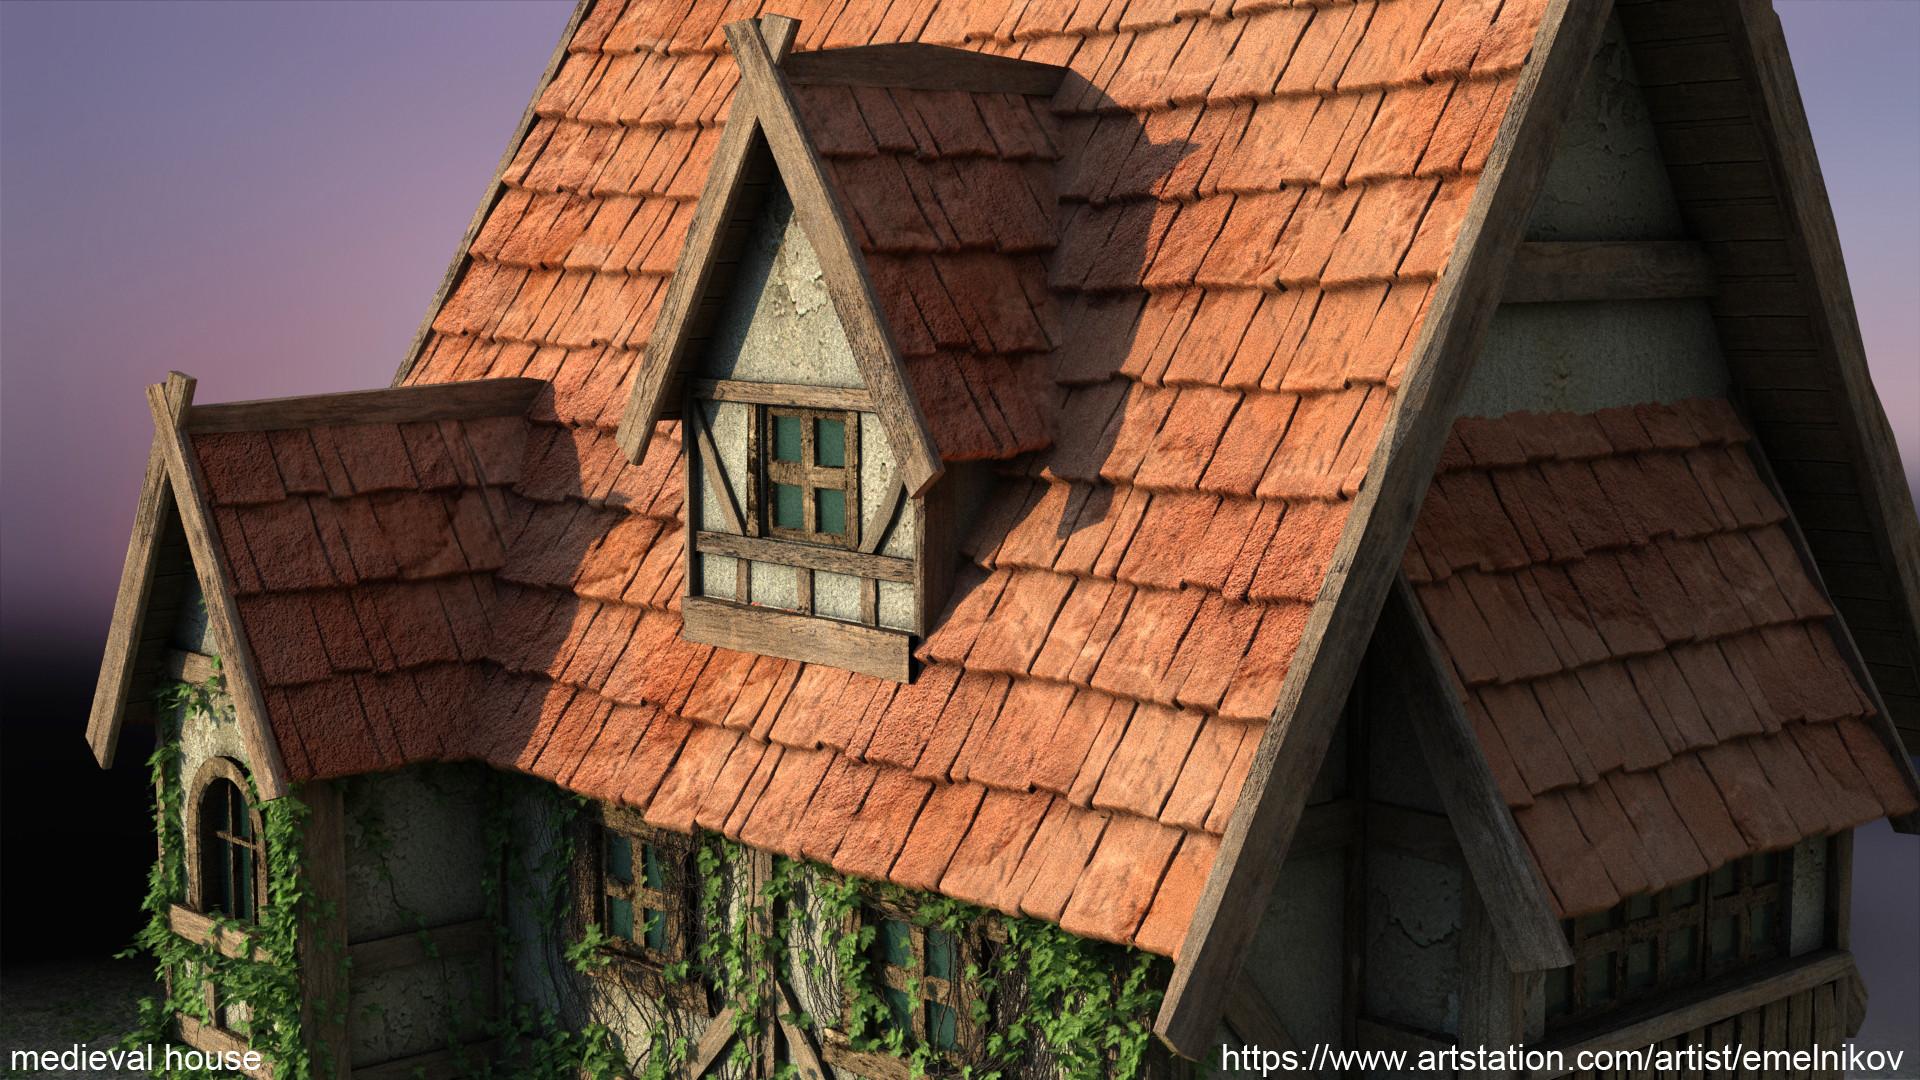 Eugene melnikov medieval house1 render frm10